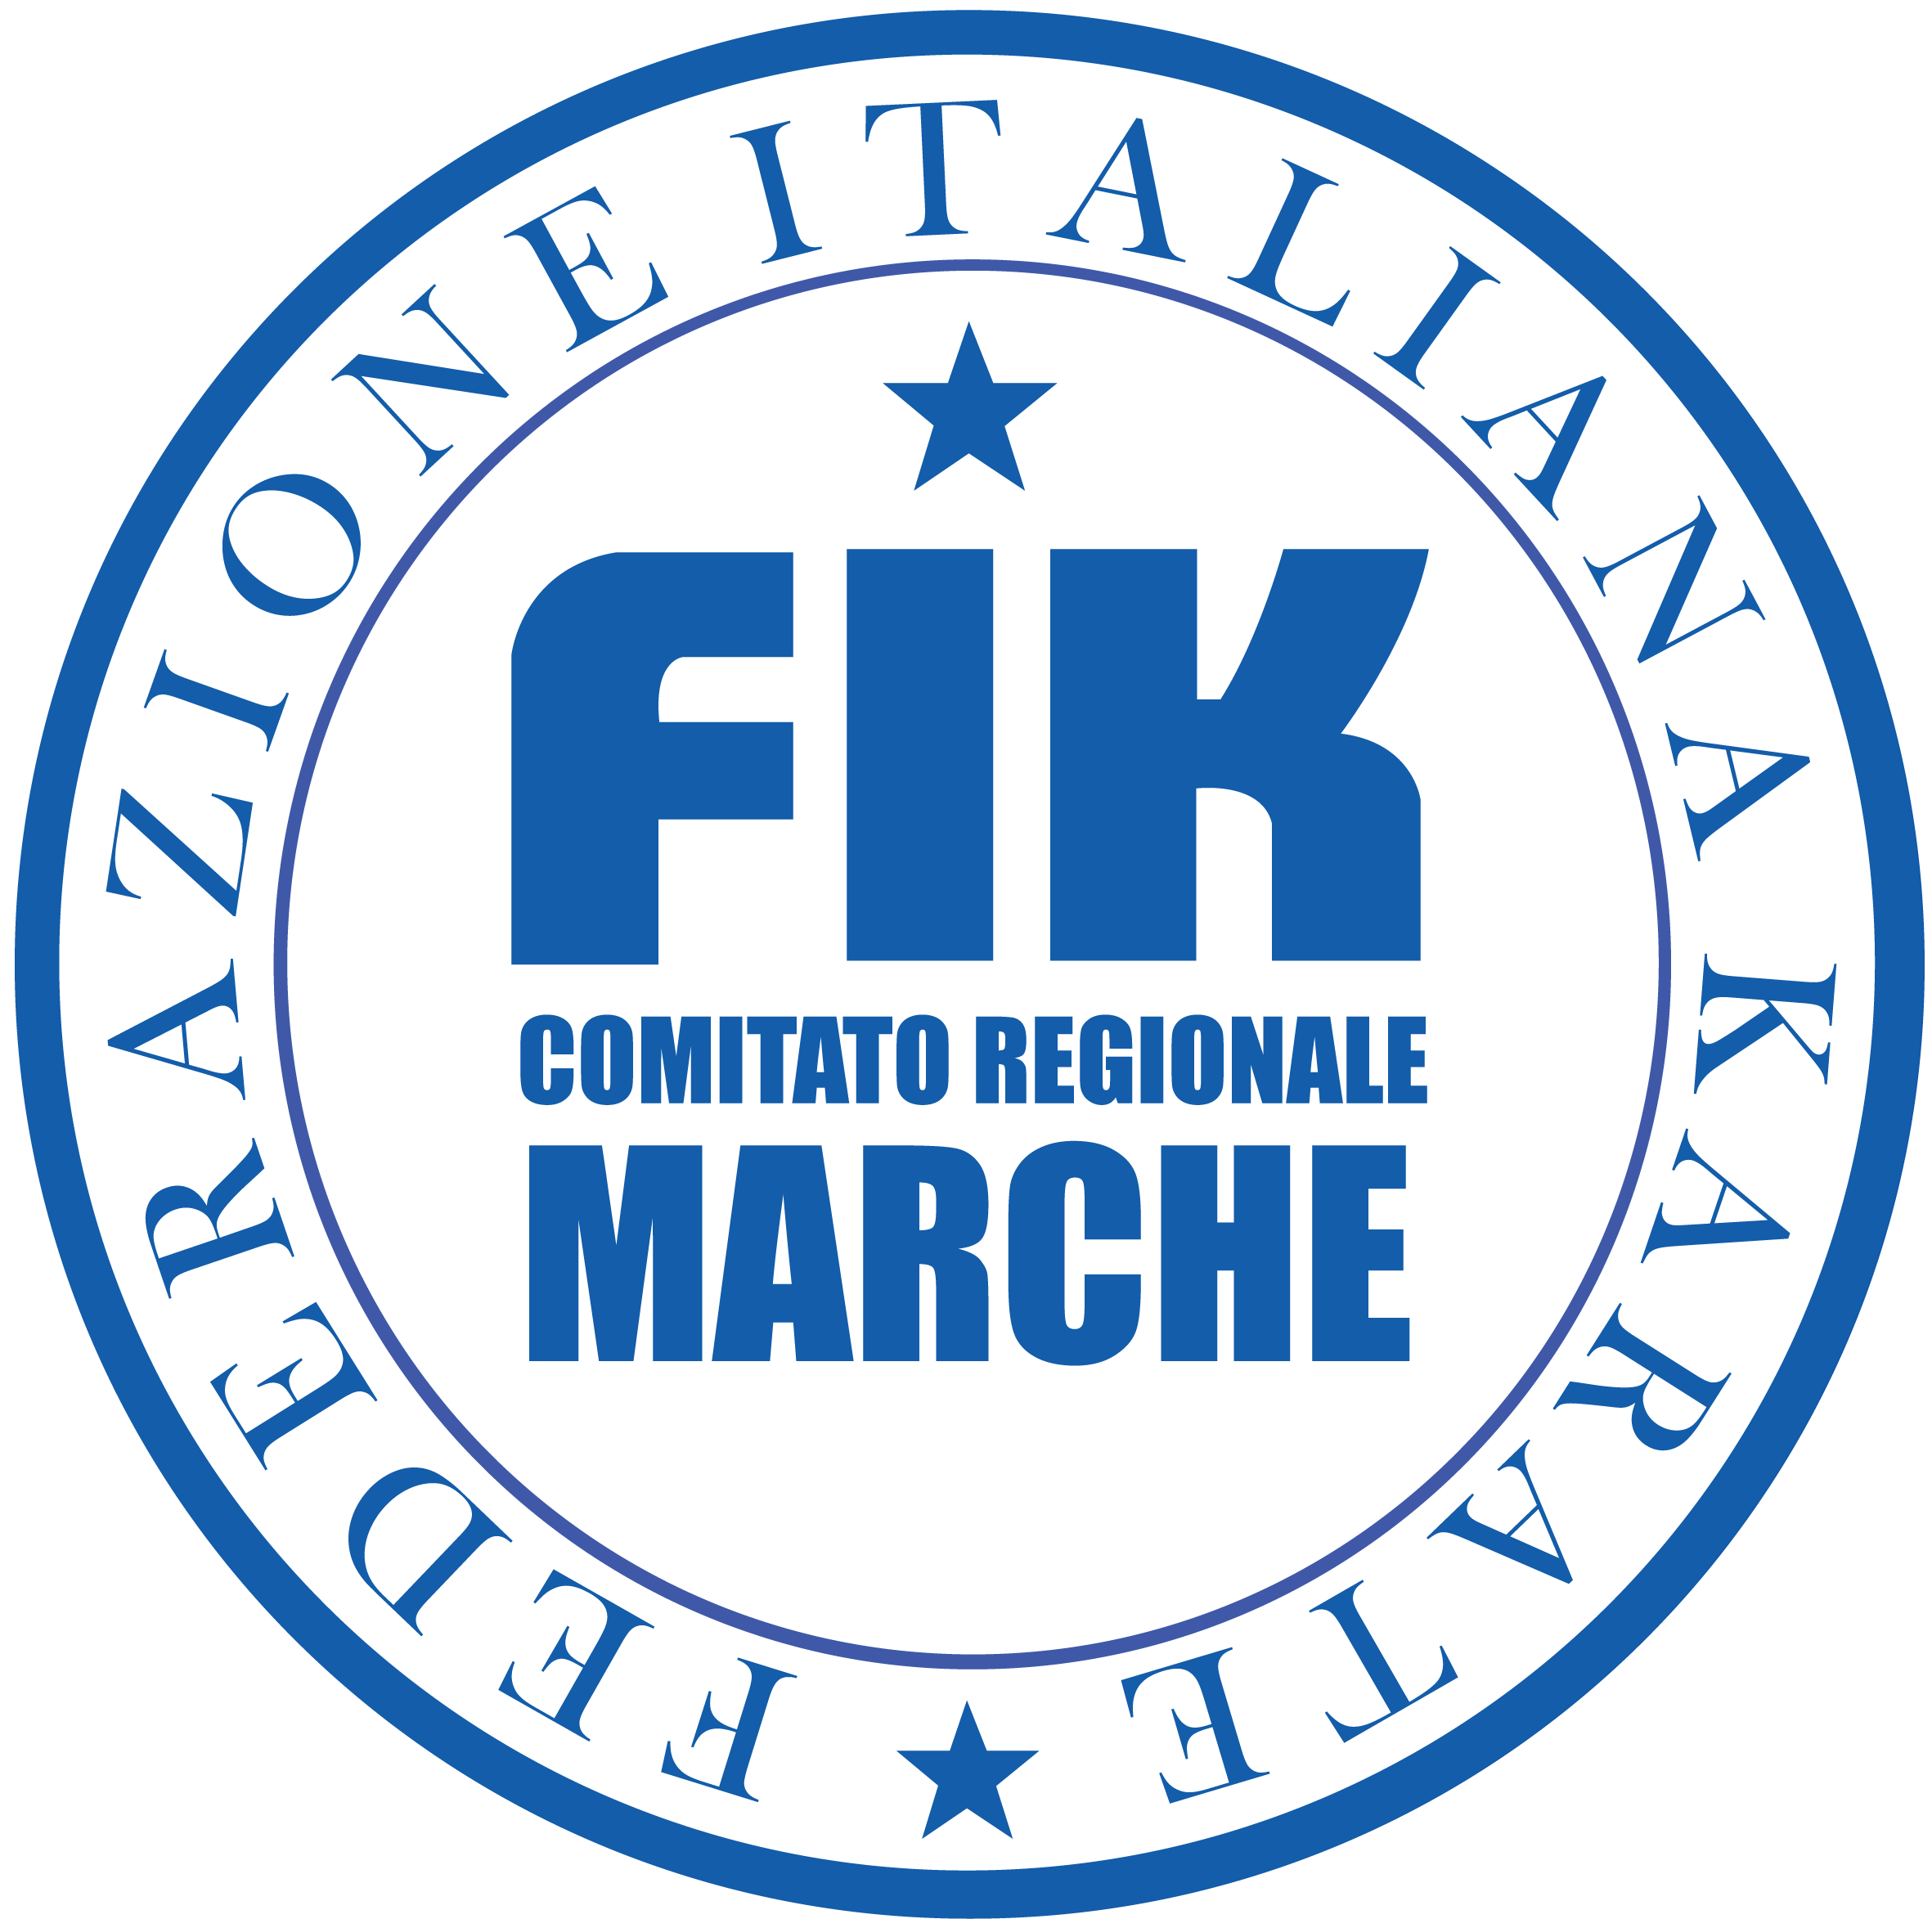 Comitato Regionale Marche